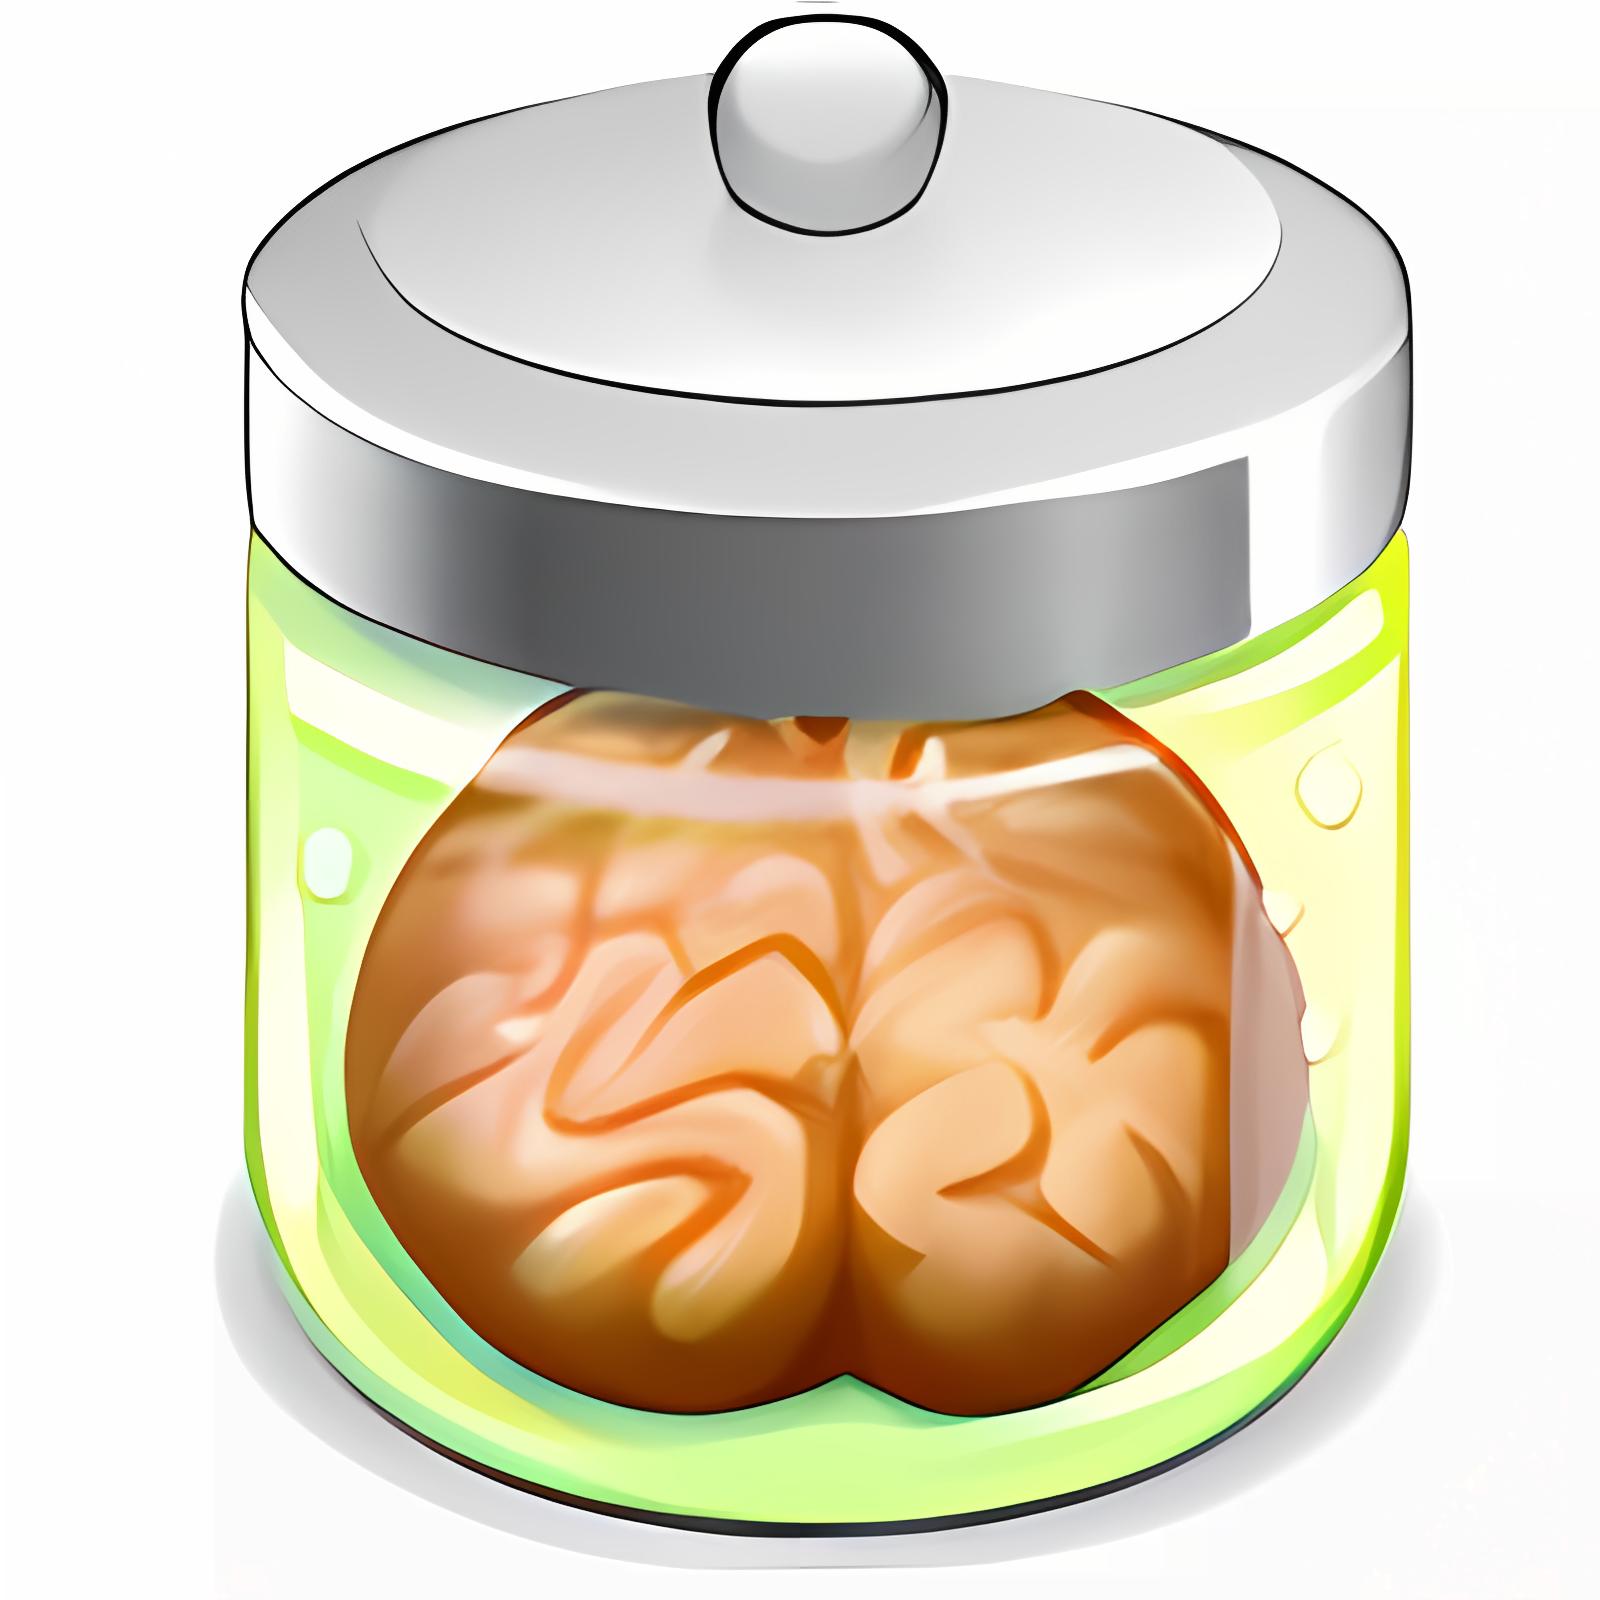 DomainBrain 1.0.1